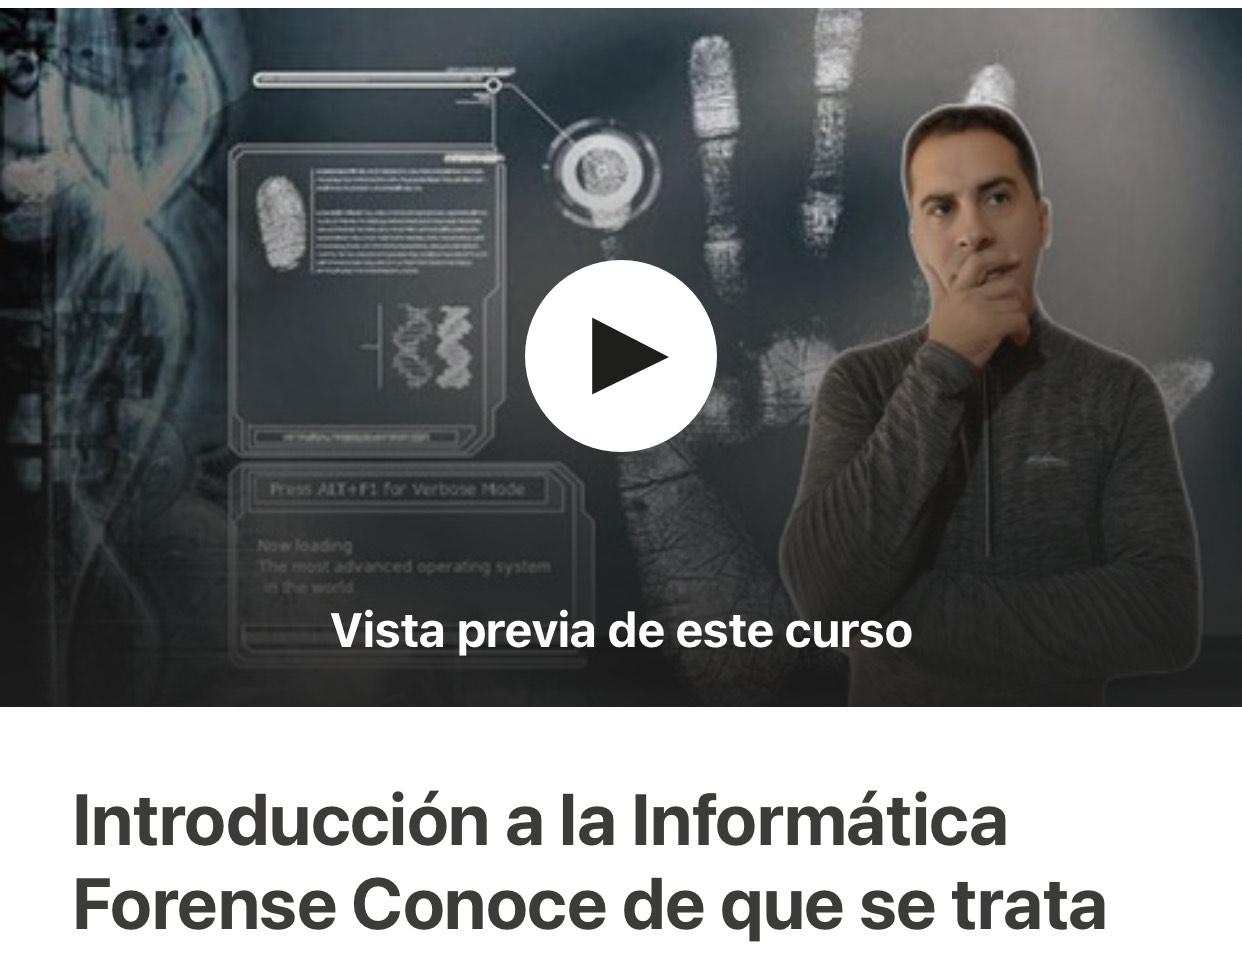 Udemy Español: Introducción a la Informática Forense Conoce de que se trata